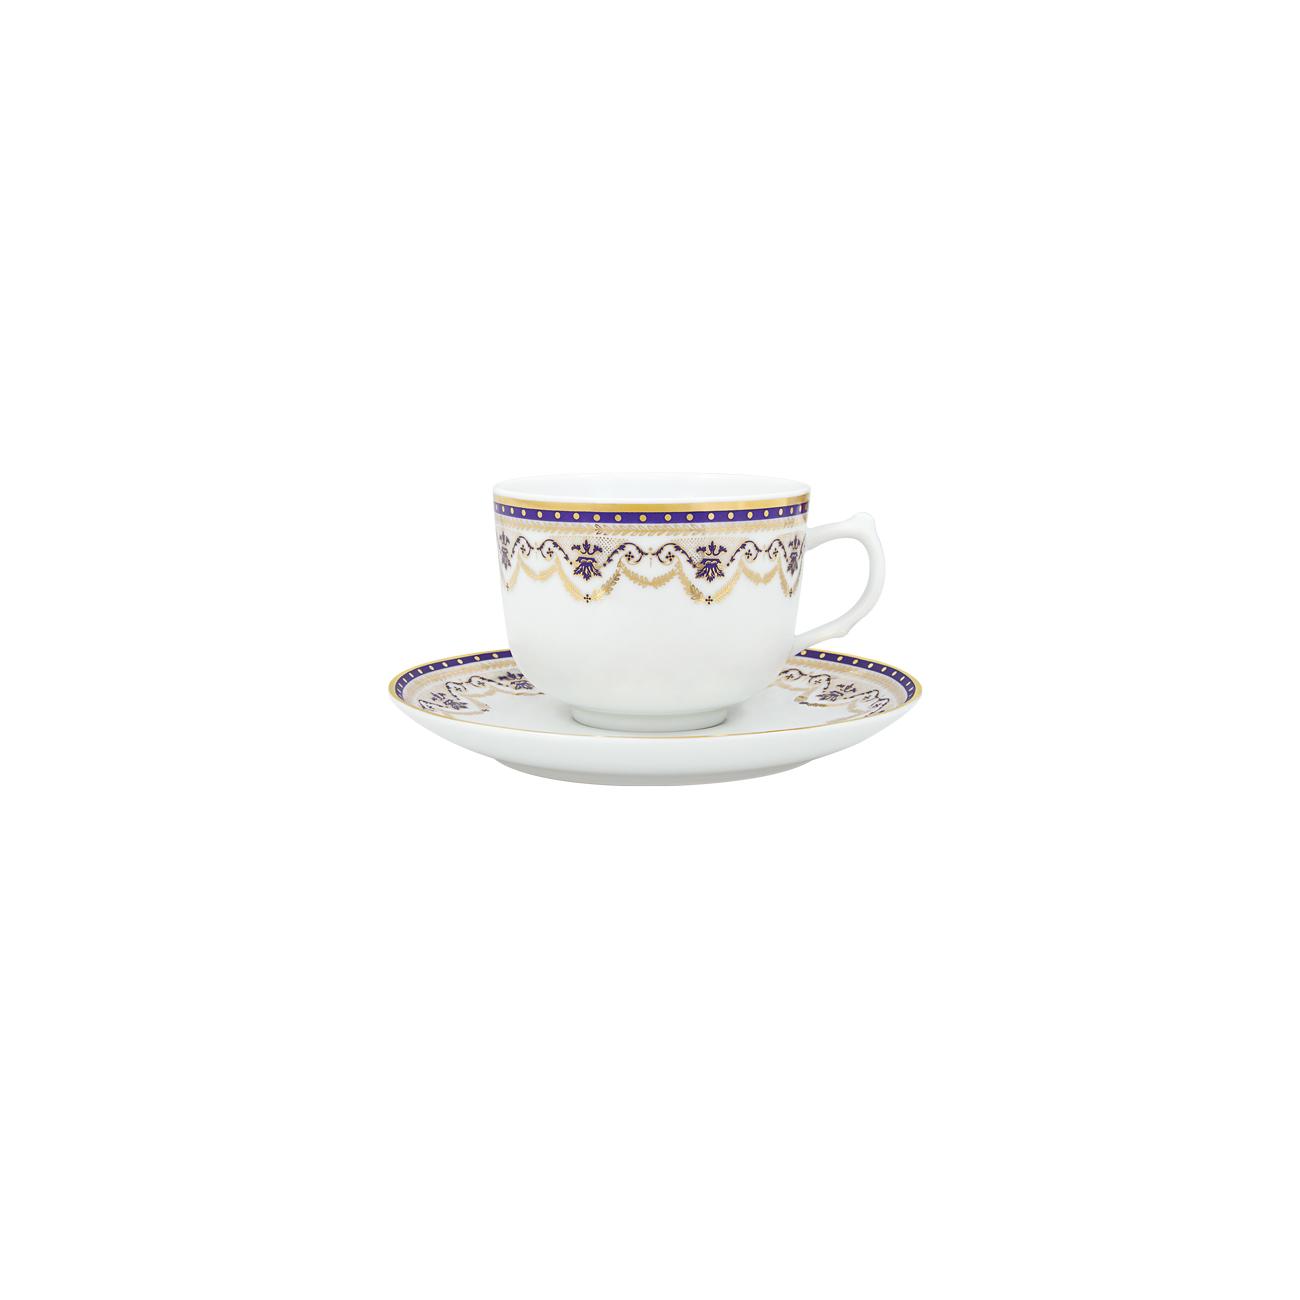 Chávena Chá 28cl Cantão + Pires 15cm Olympus 0